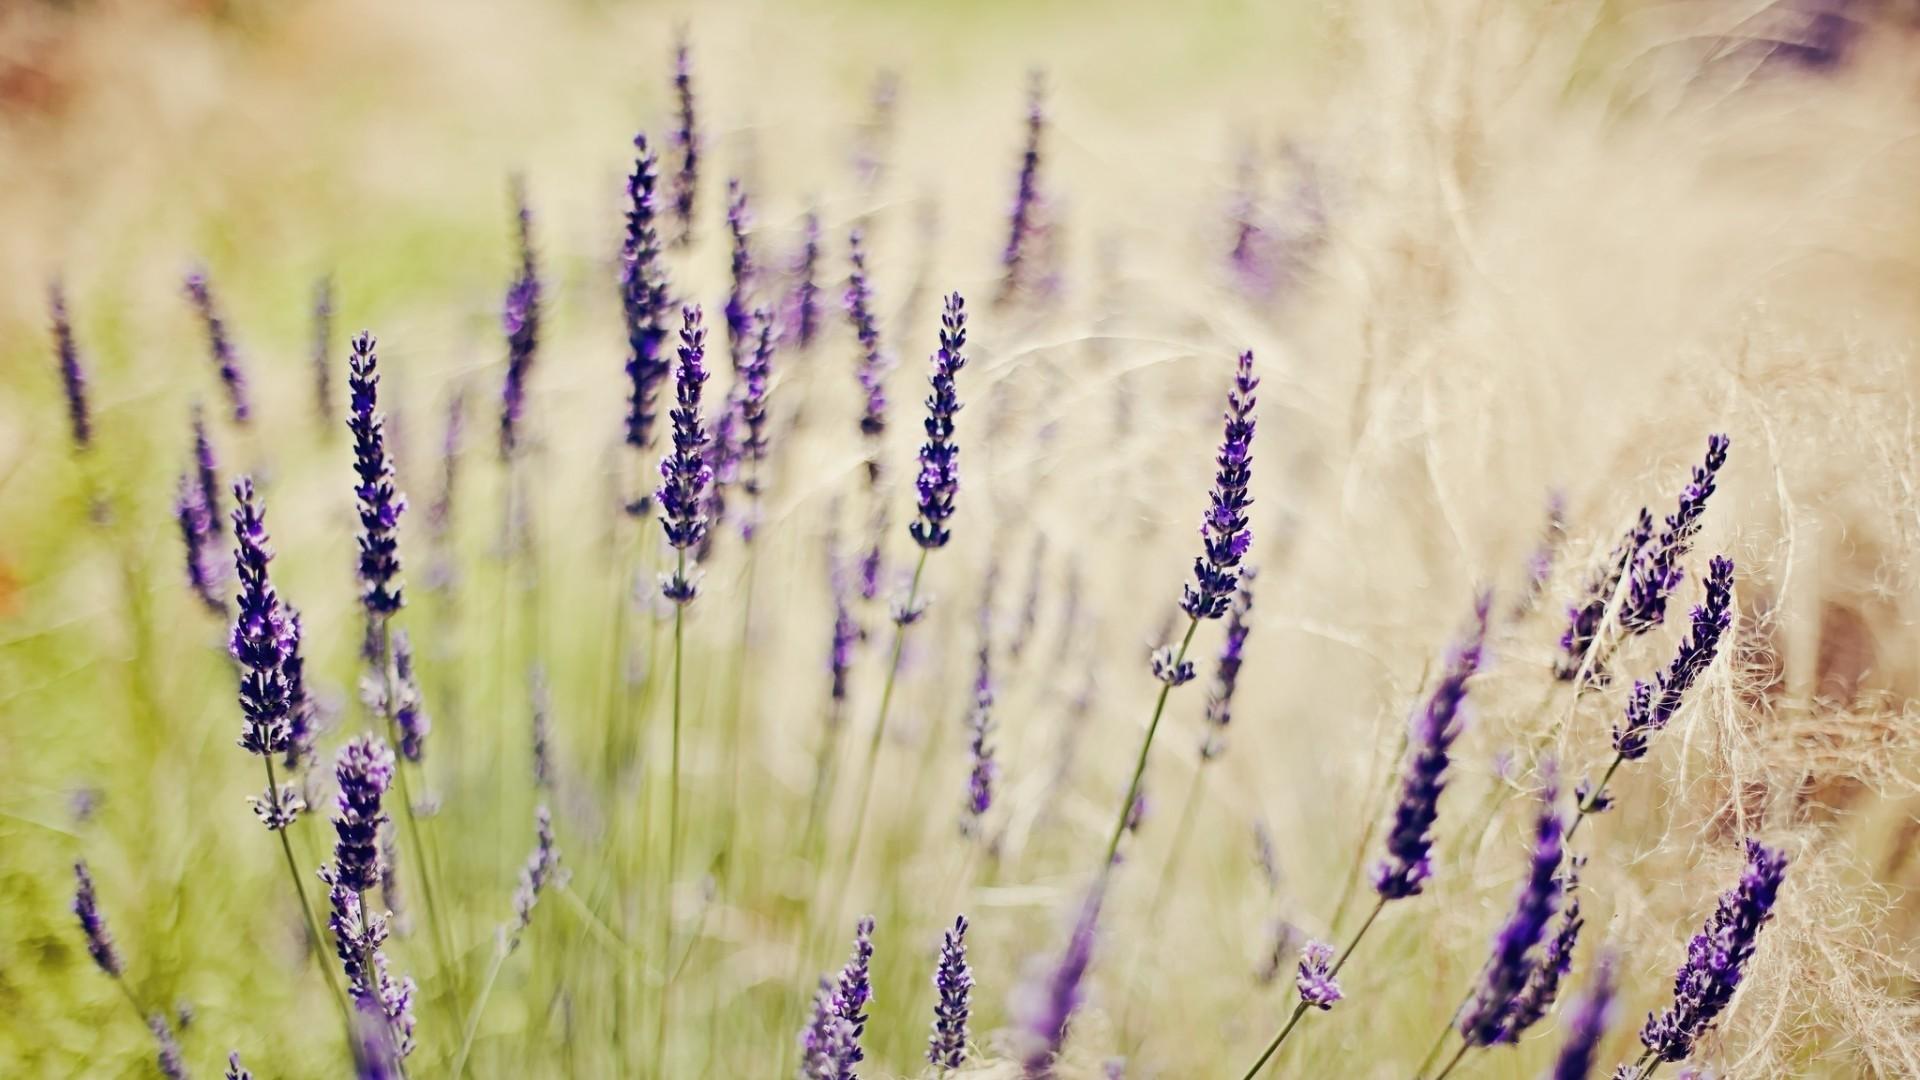 Lavender Image